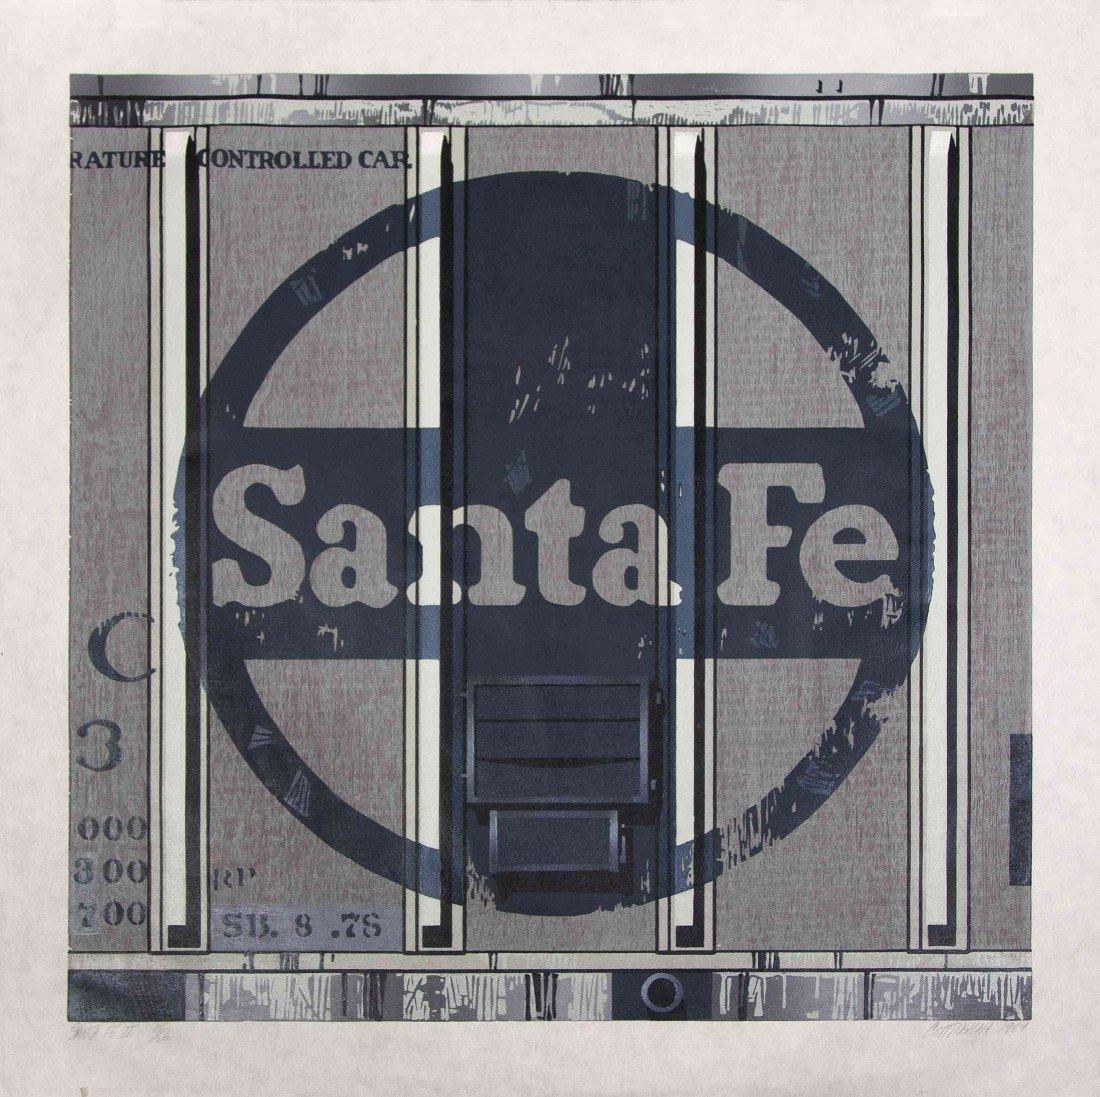 1017: Robert Cottingham, (American, b. 1935), Santa Fe